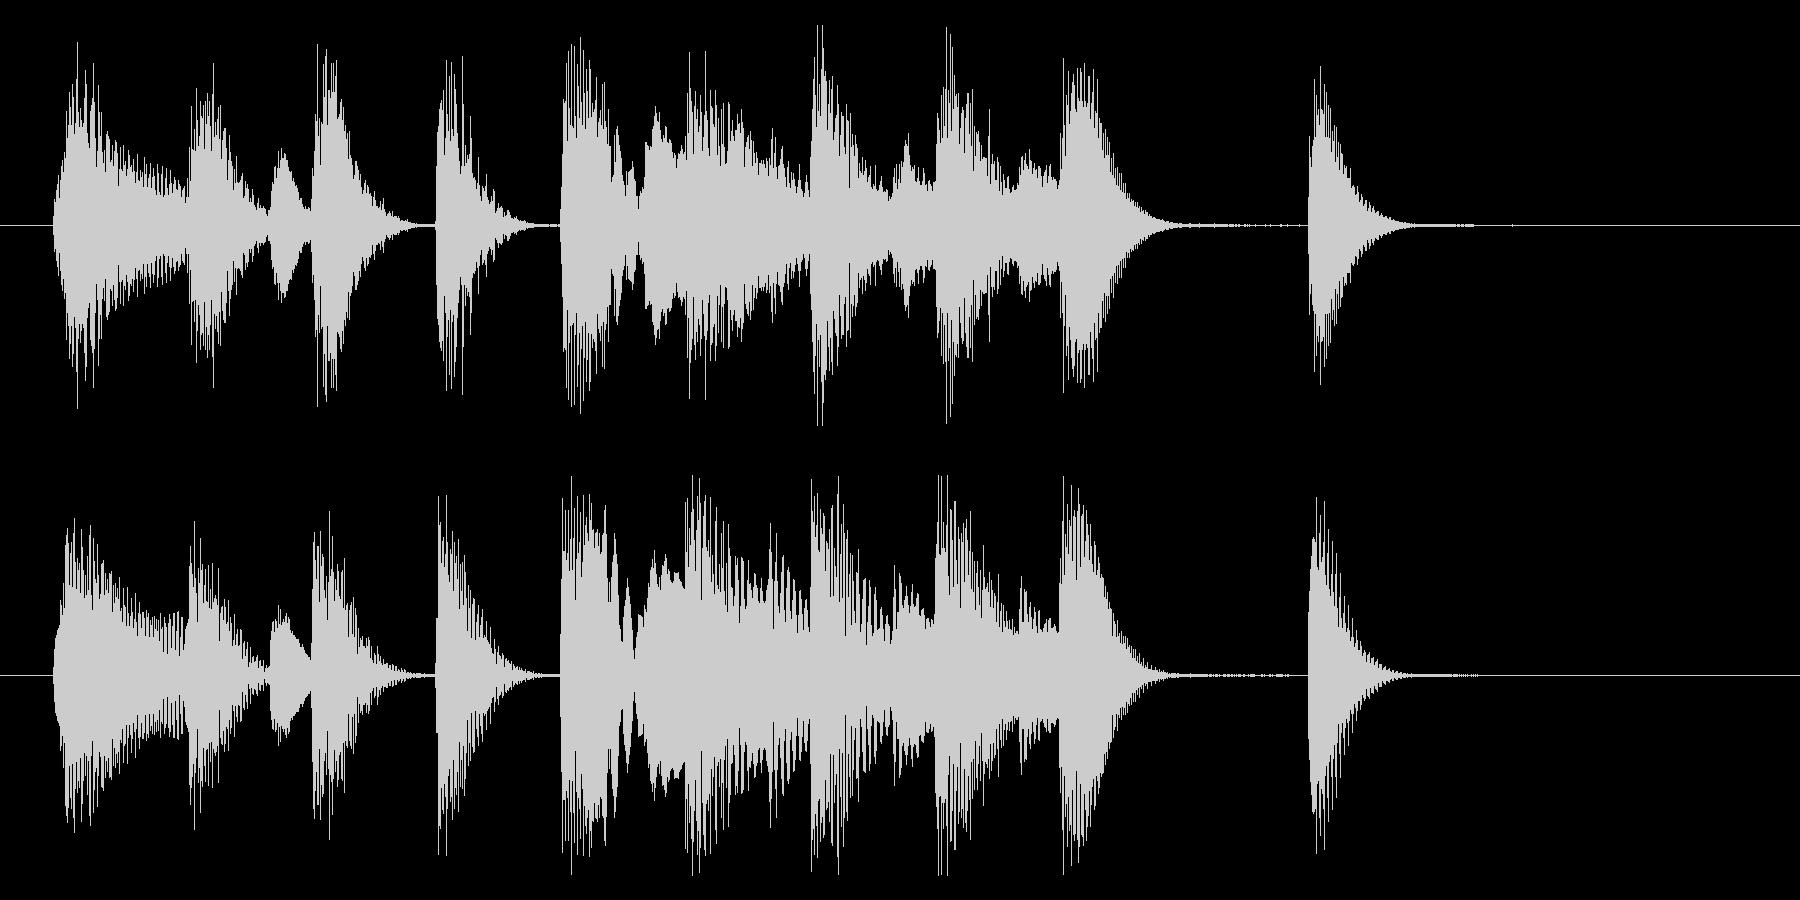 明るく軽快なピアノジングル 4秒の未再生の波形